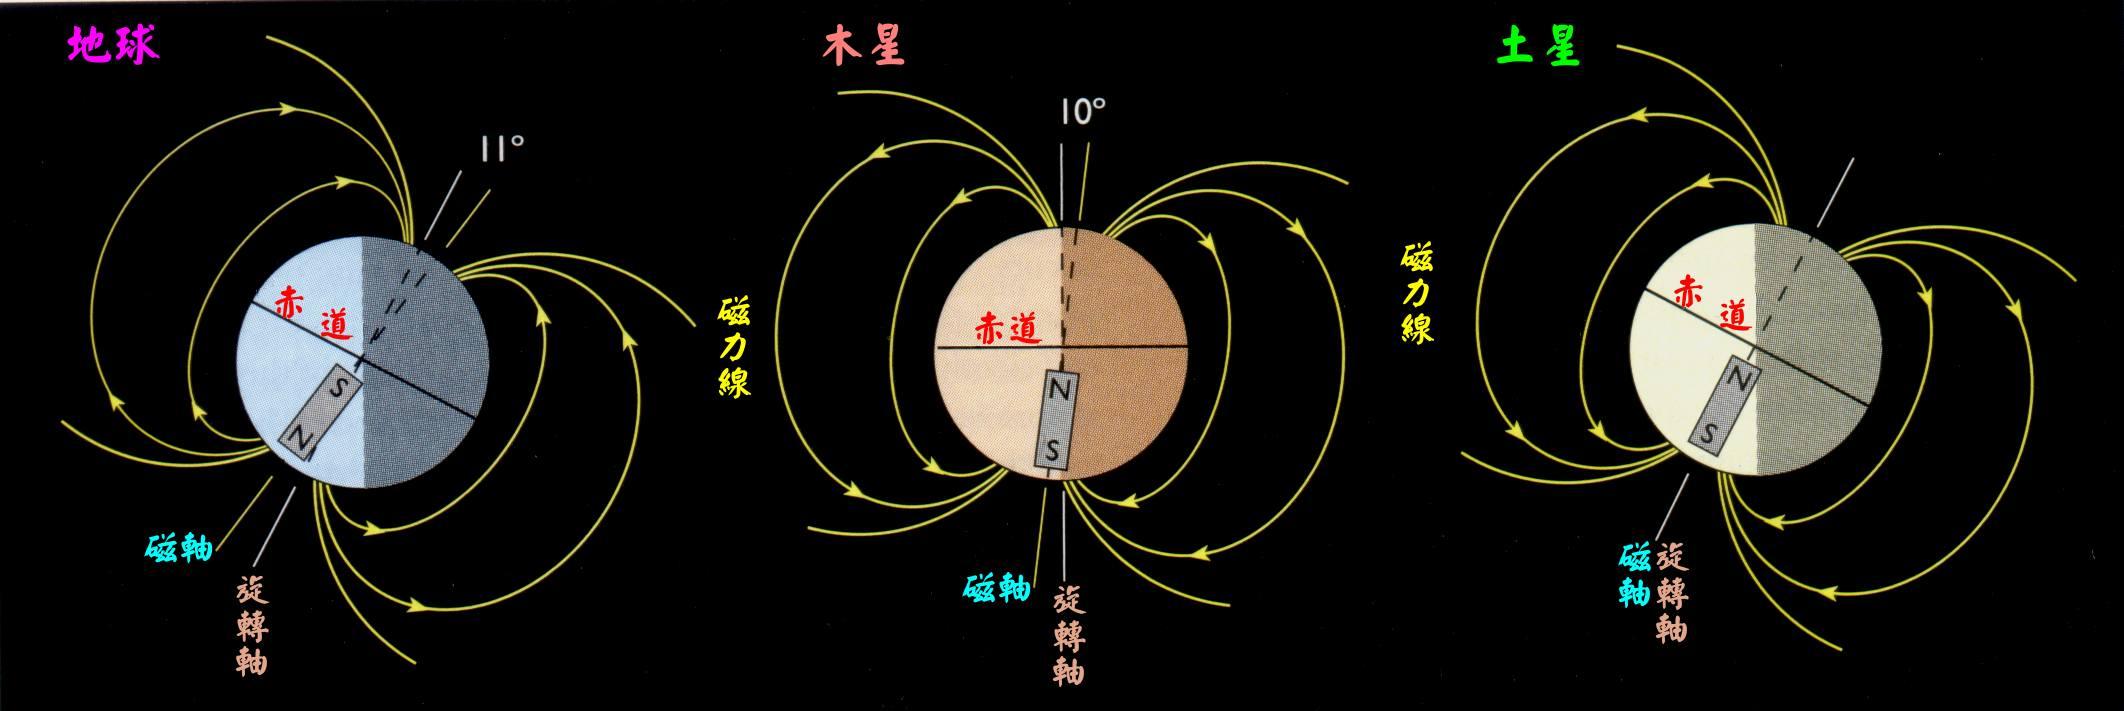 (31): 地球,木星